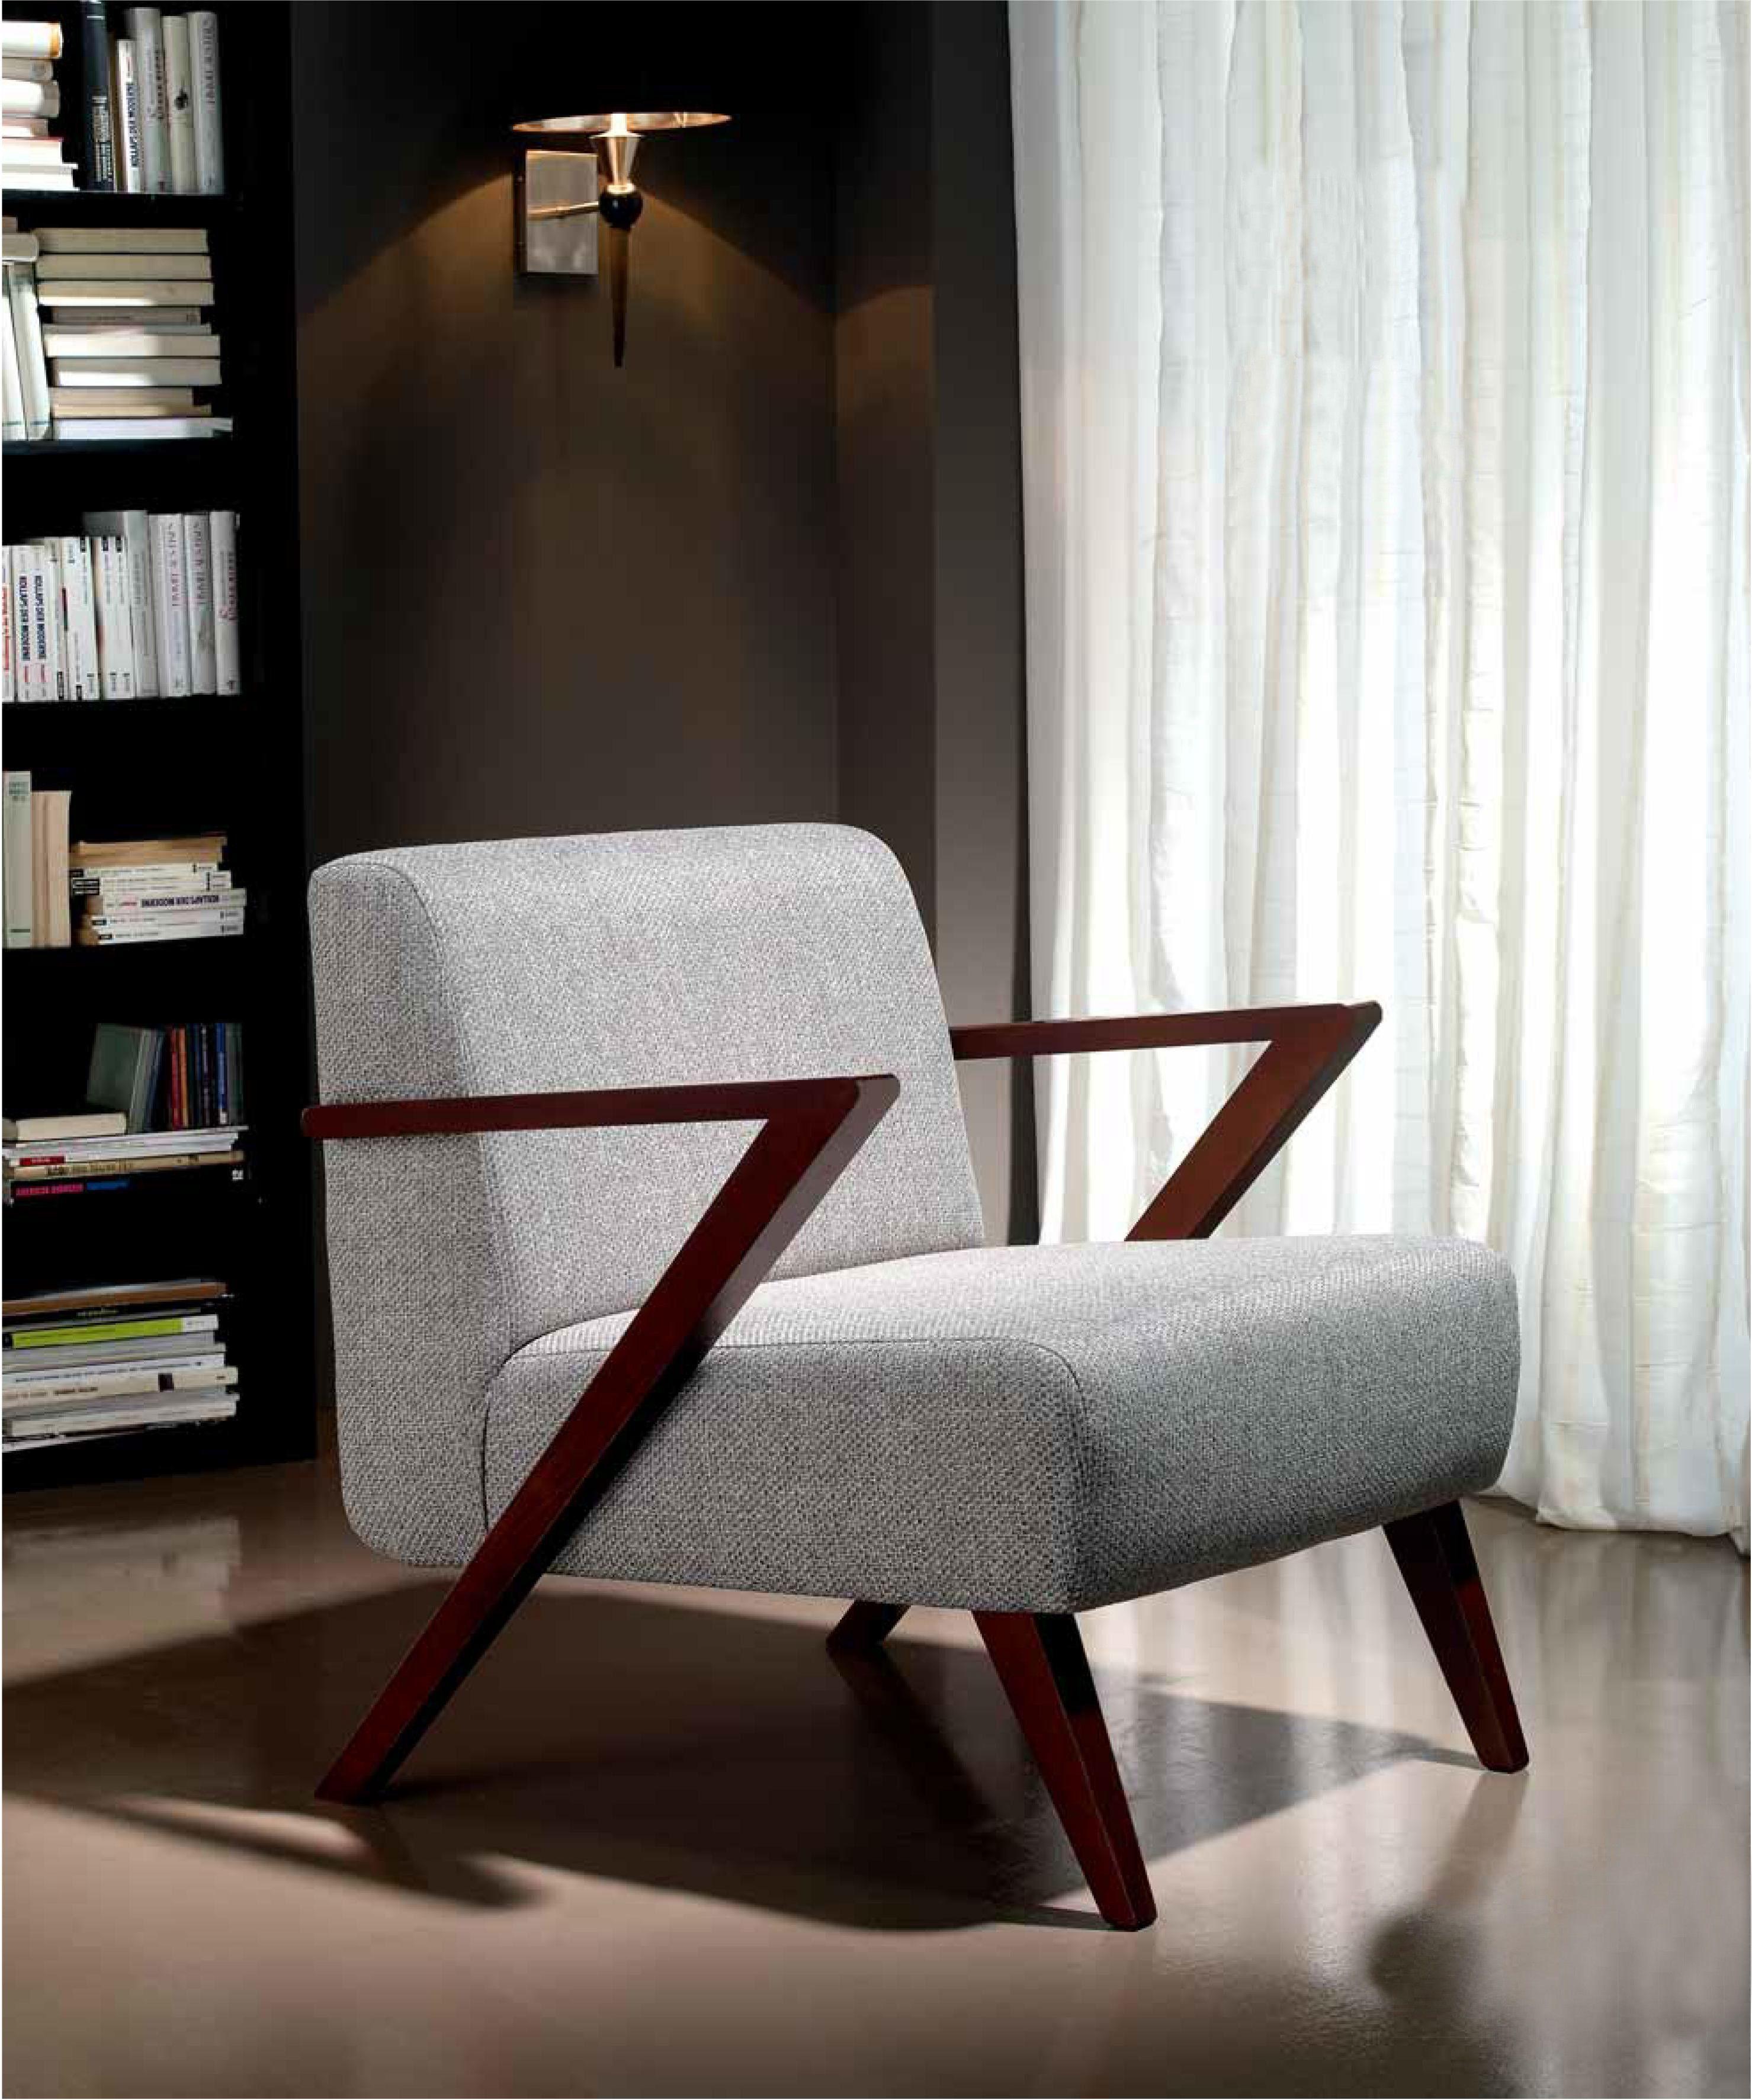 Sill N De Dise O Moderno Bolonia Http Www Ambar Muebles Com  # Muebles Butacas Modernas